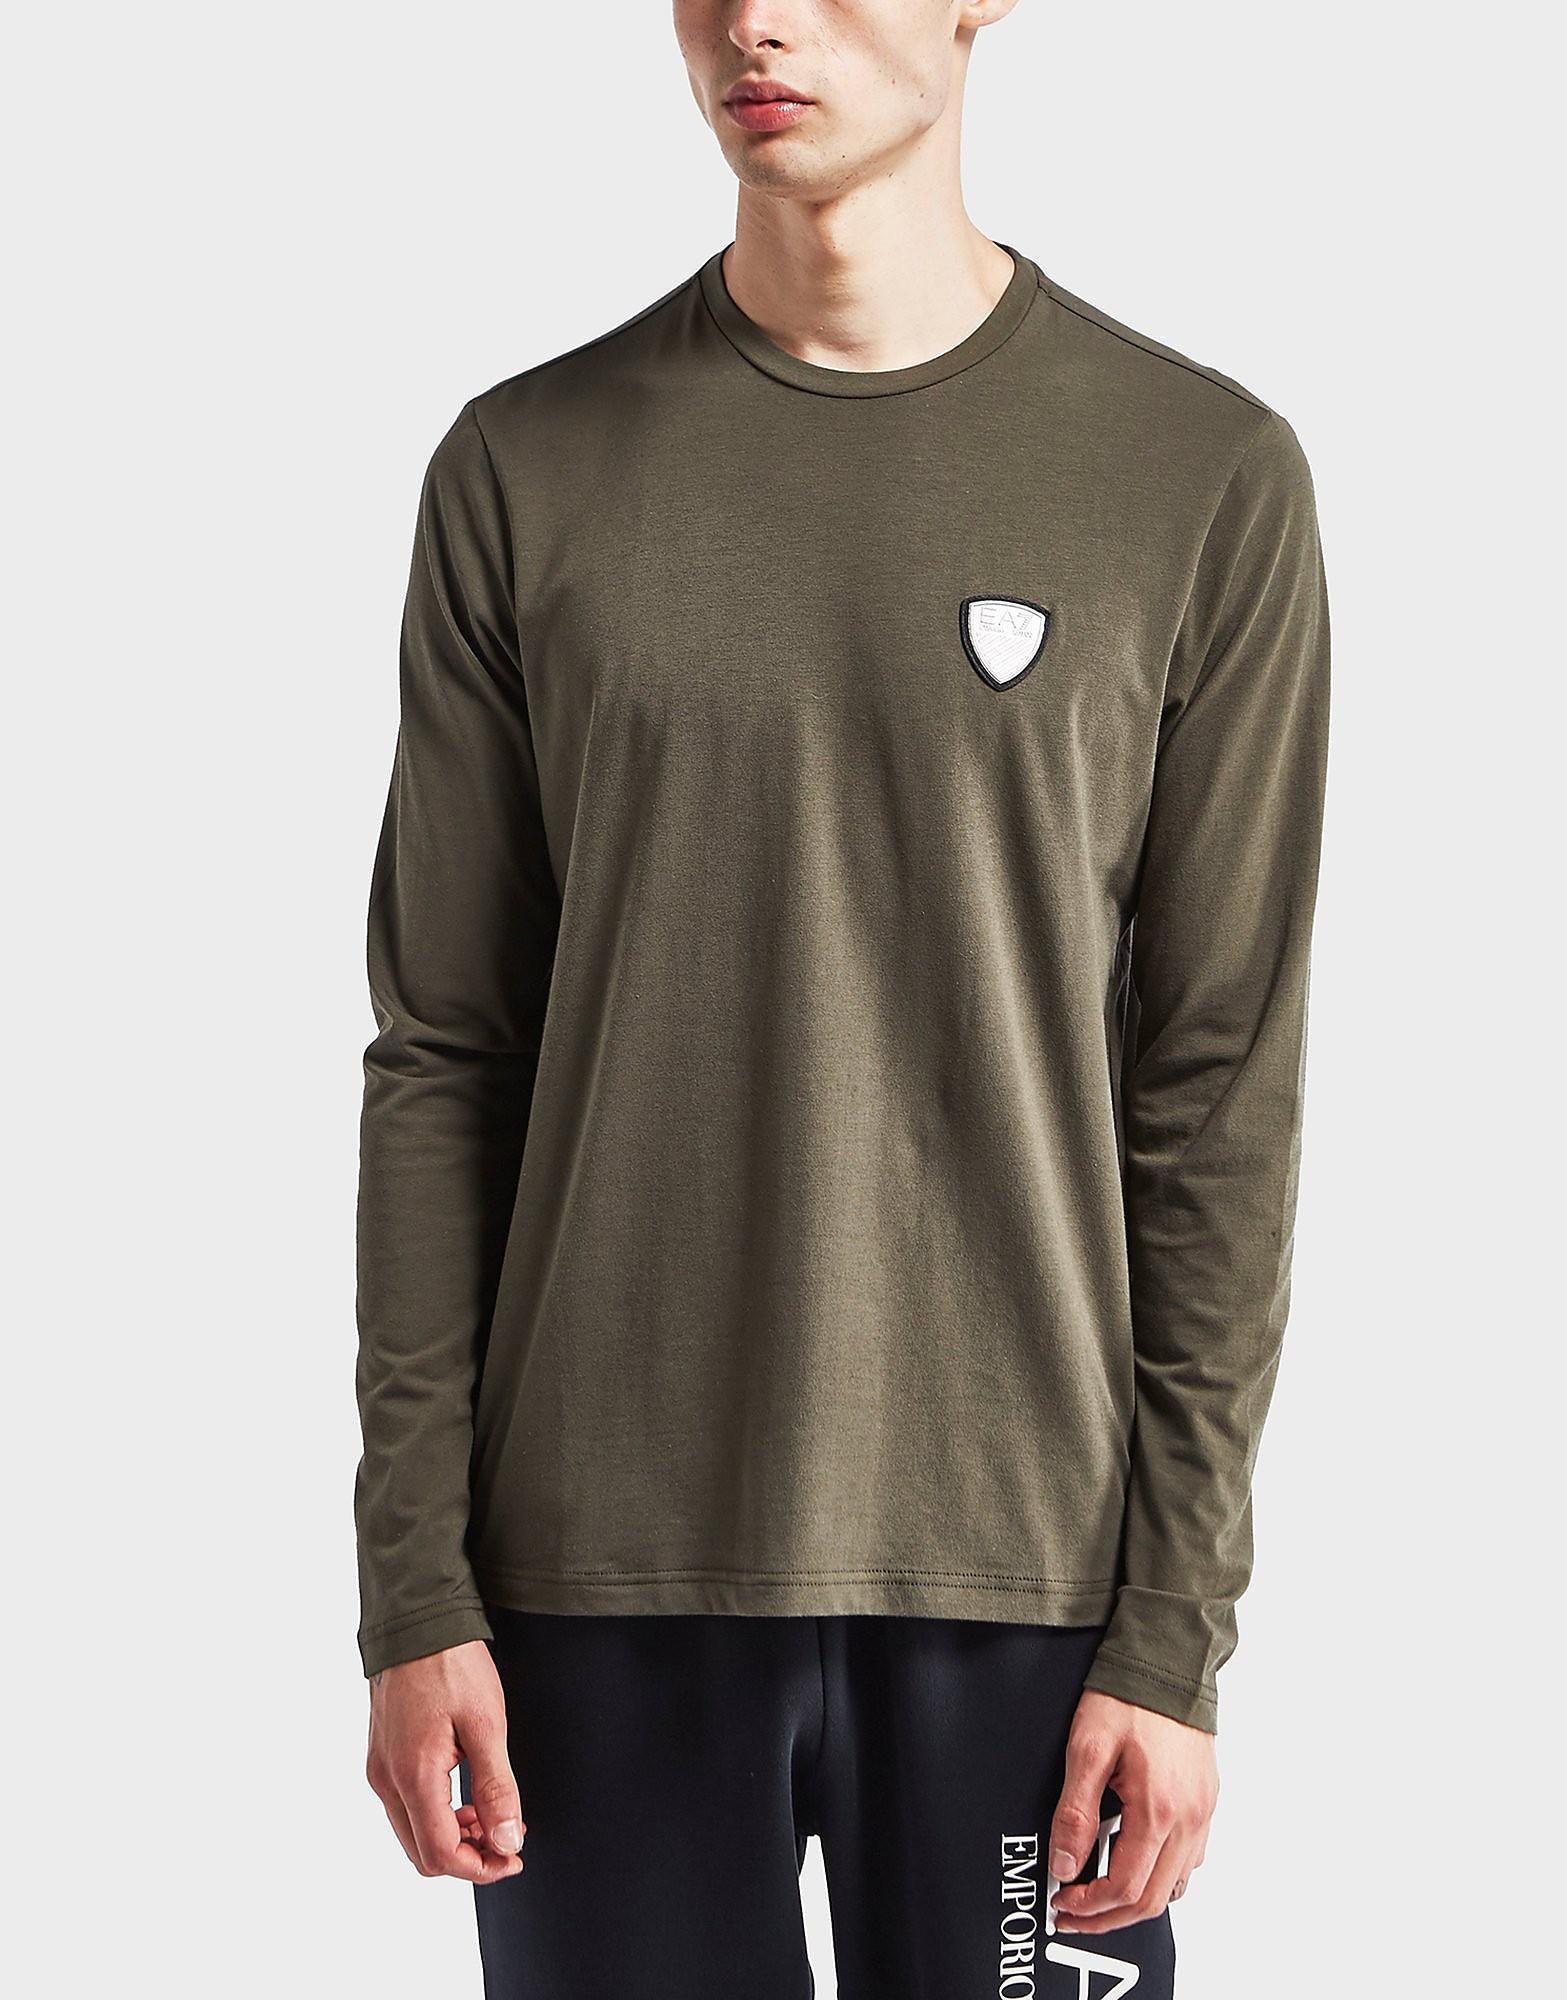 Emporio Armani EA7 Shield Logo Long Sleeve T-Shirt